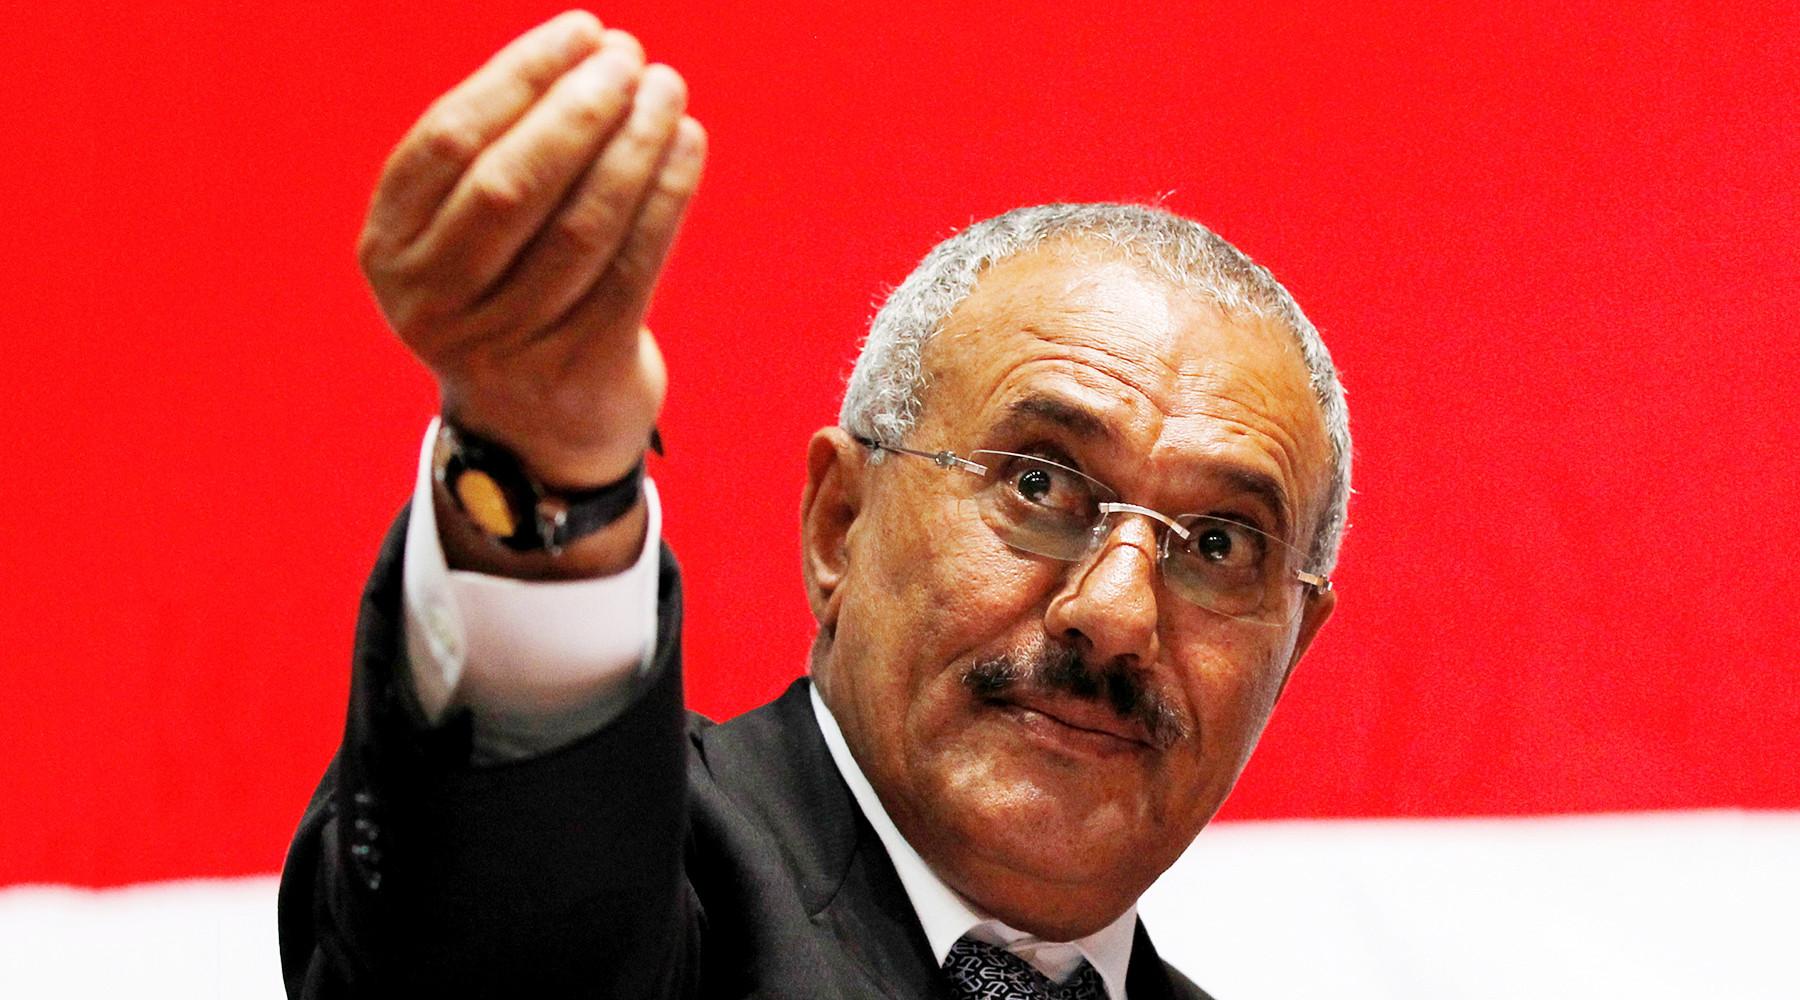 Источники сообщили о гибели экс-президента Йемена в стычке с хуситами